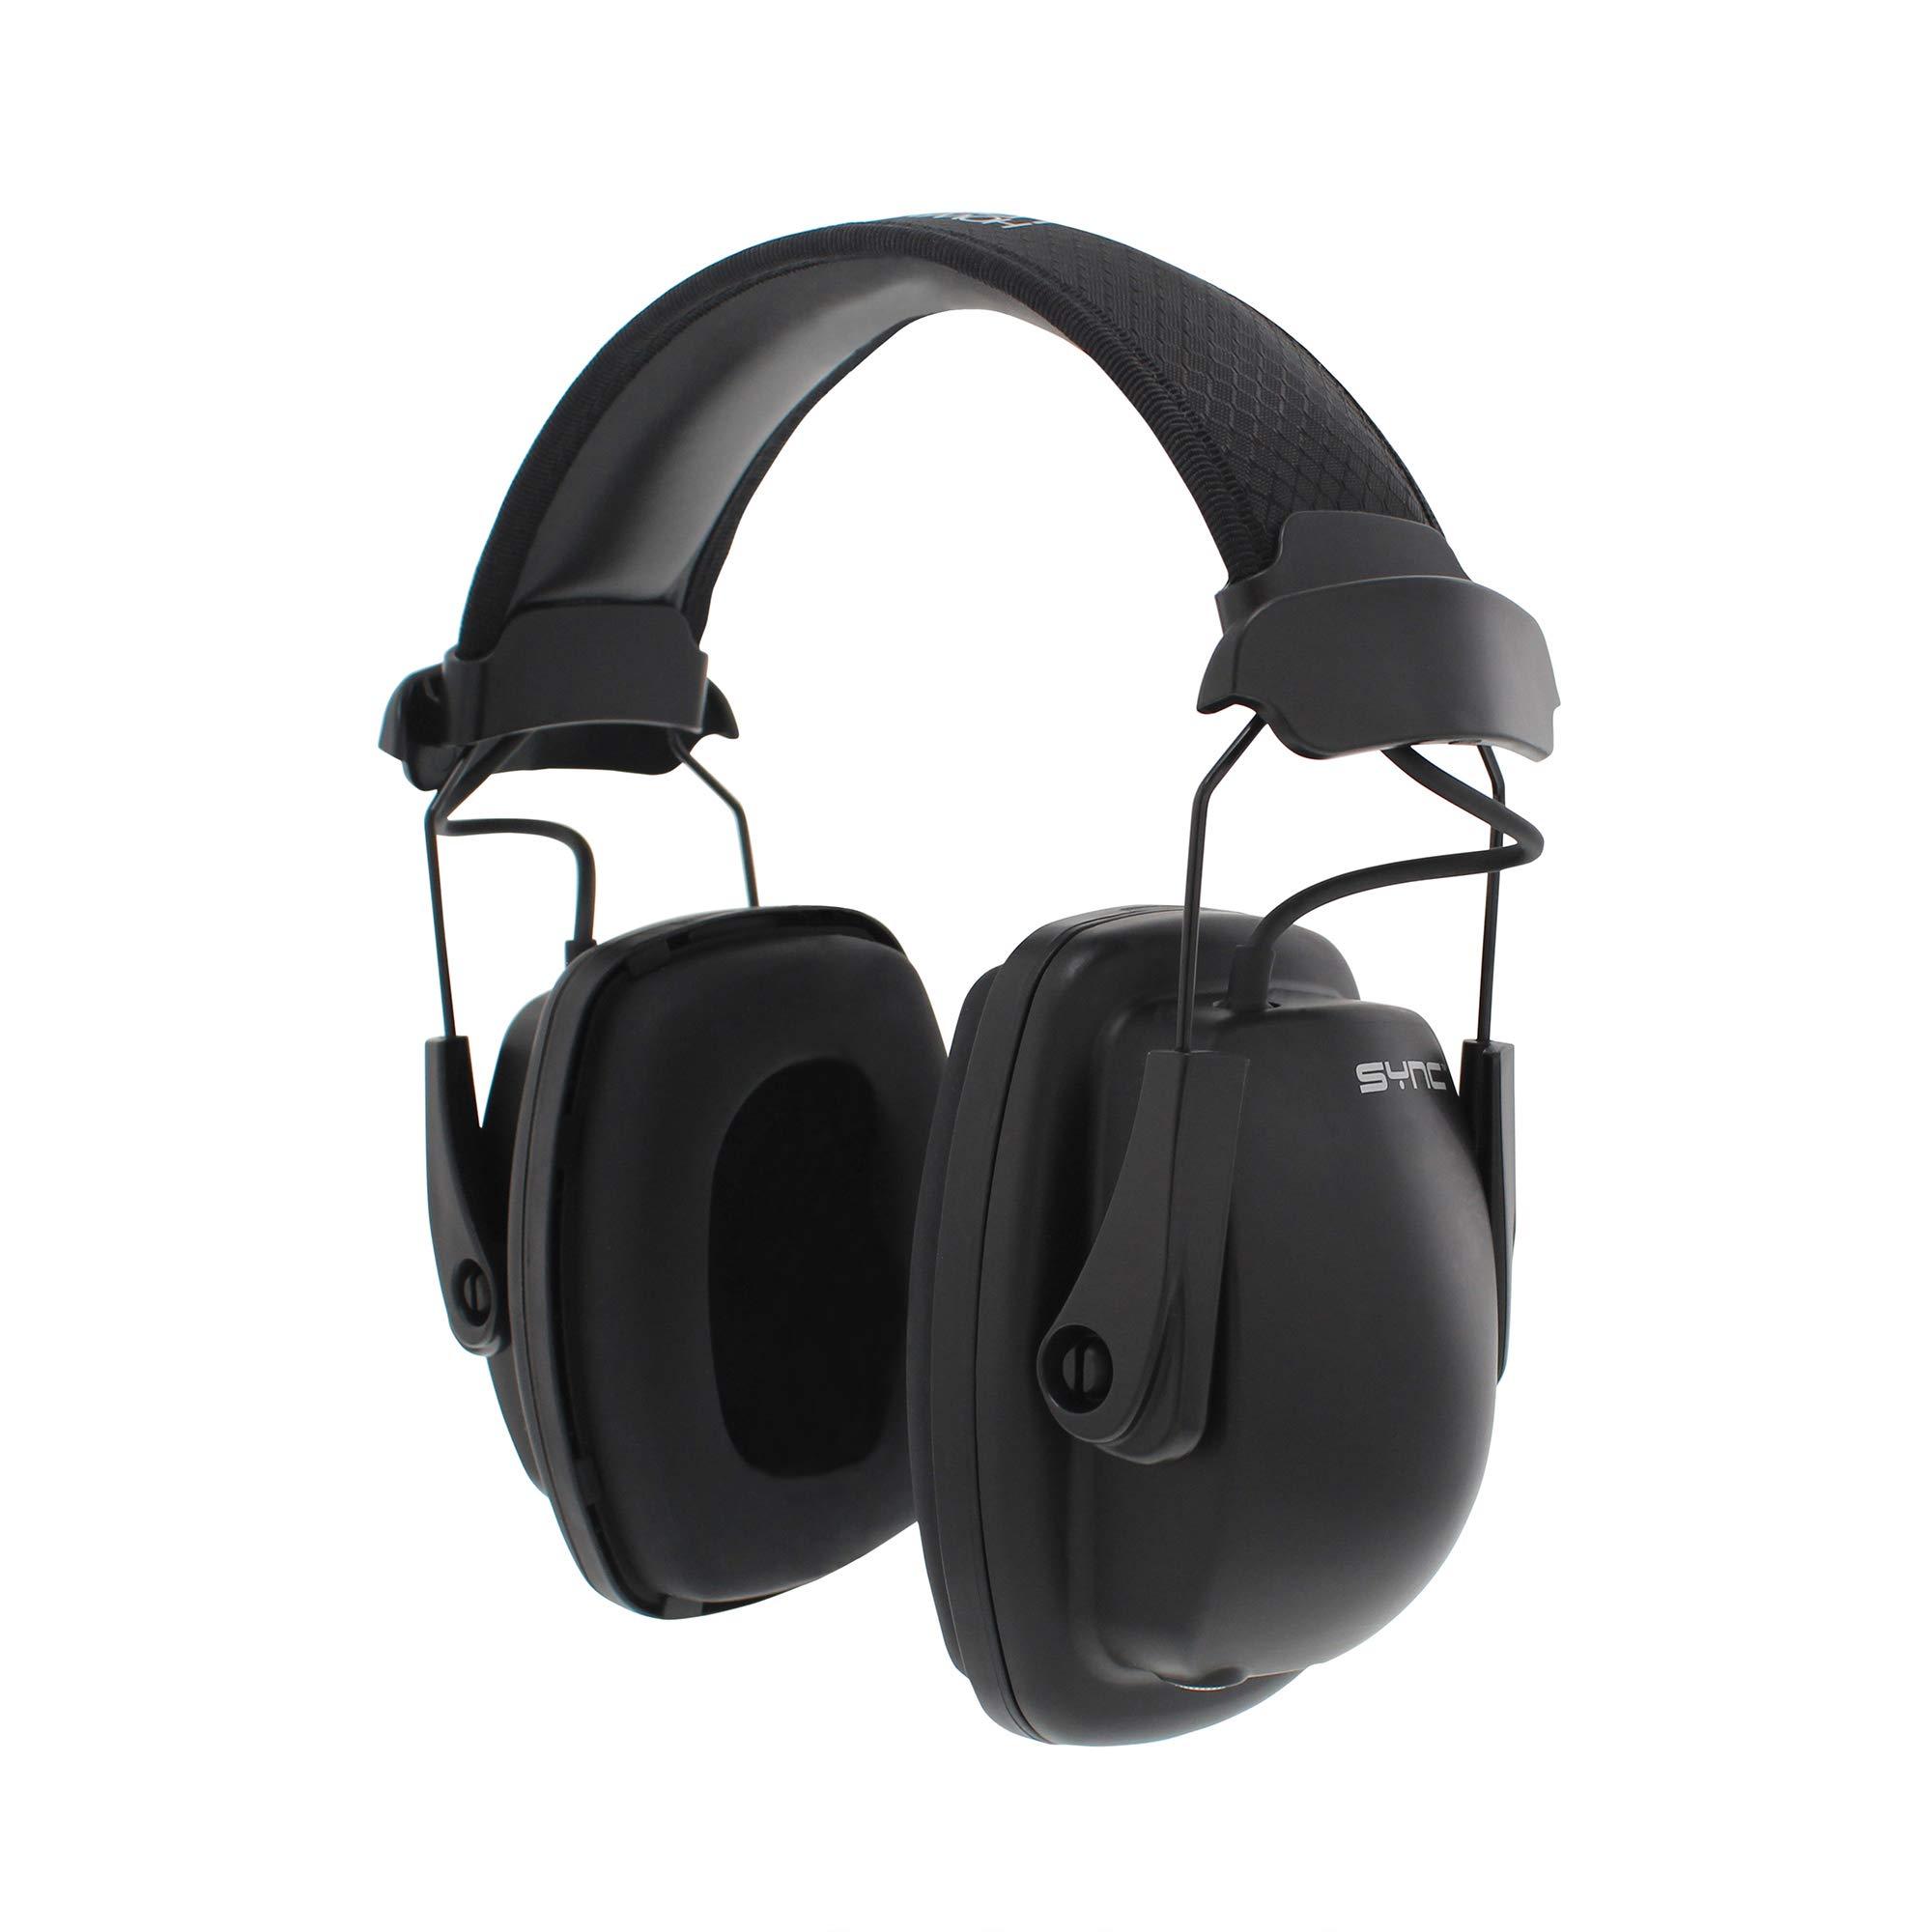 Howard Leight 1030110 同步降噪立体声耳罩 1030110